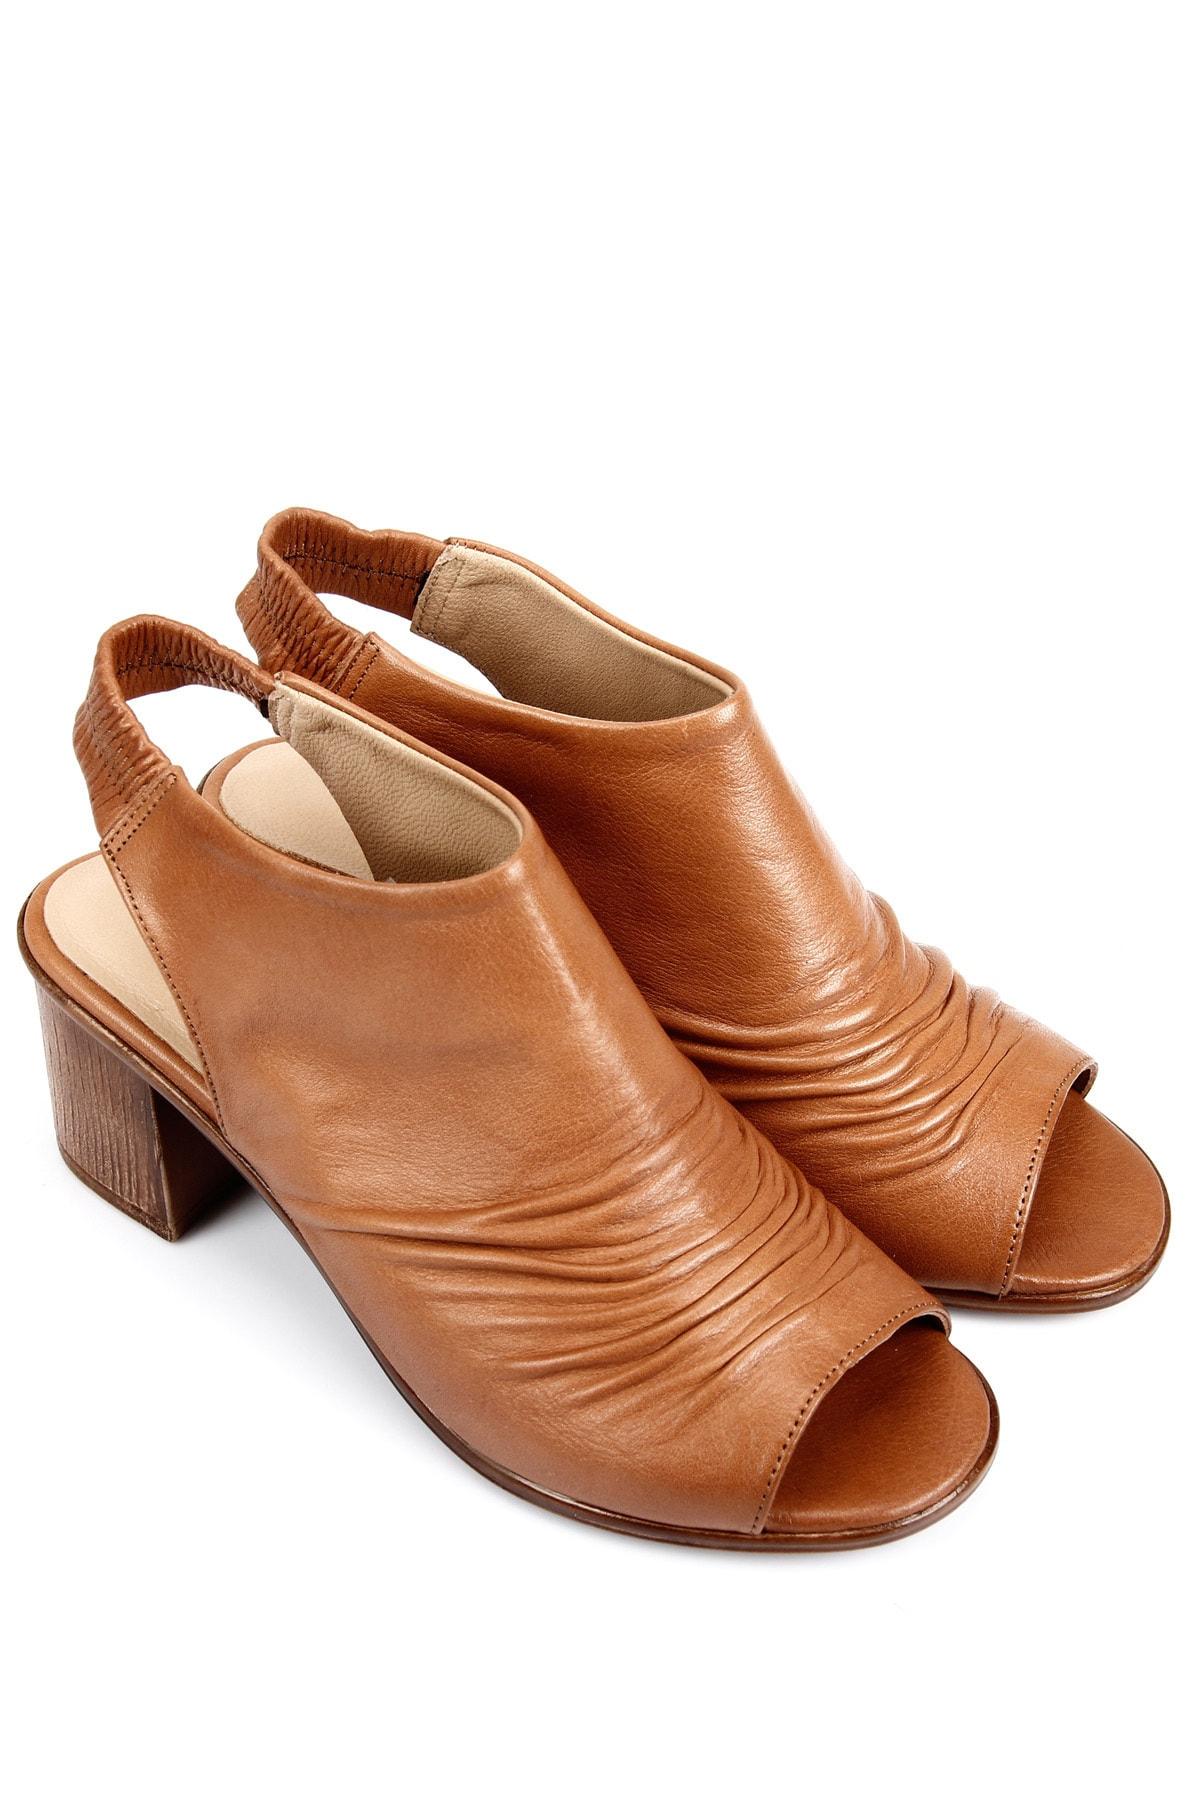 GÖN DERİ(R) Kadın Kahverengi Hakiki Deri Sandalet 45619 2